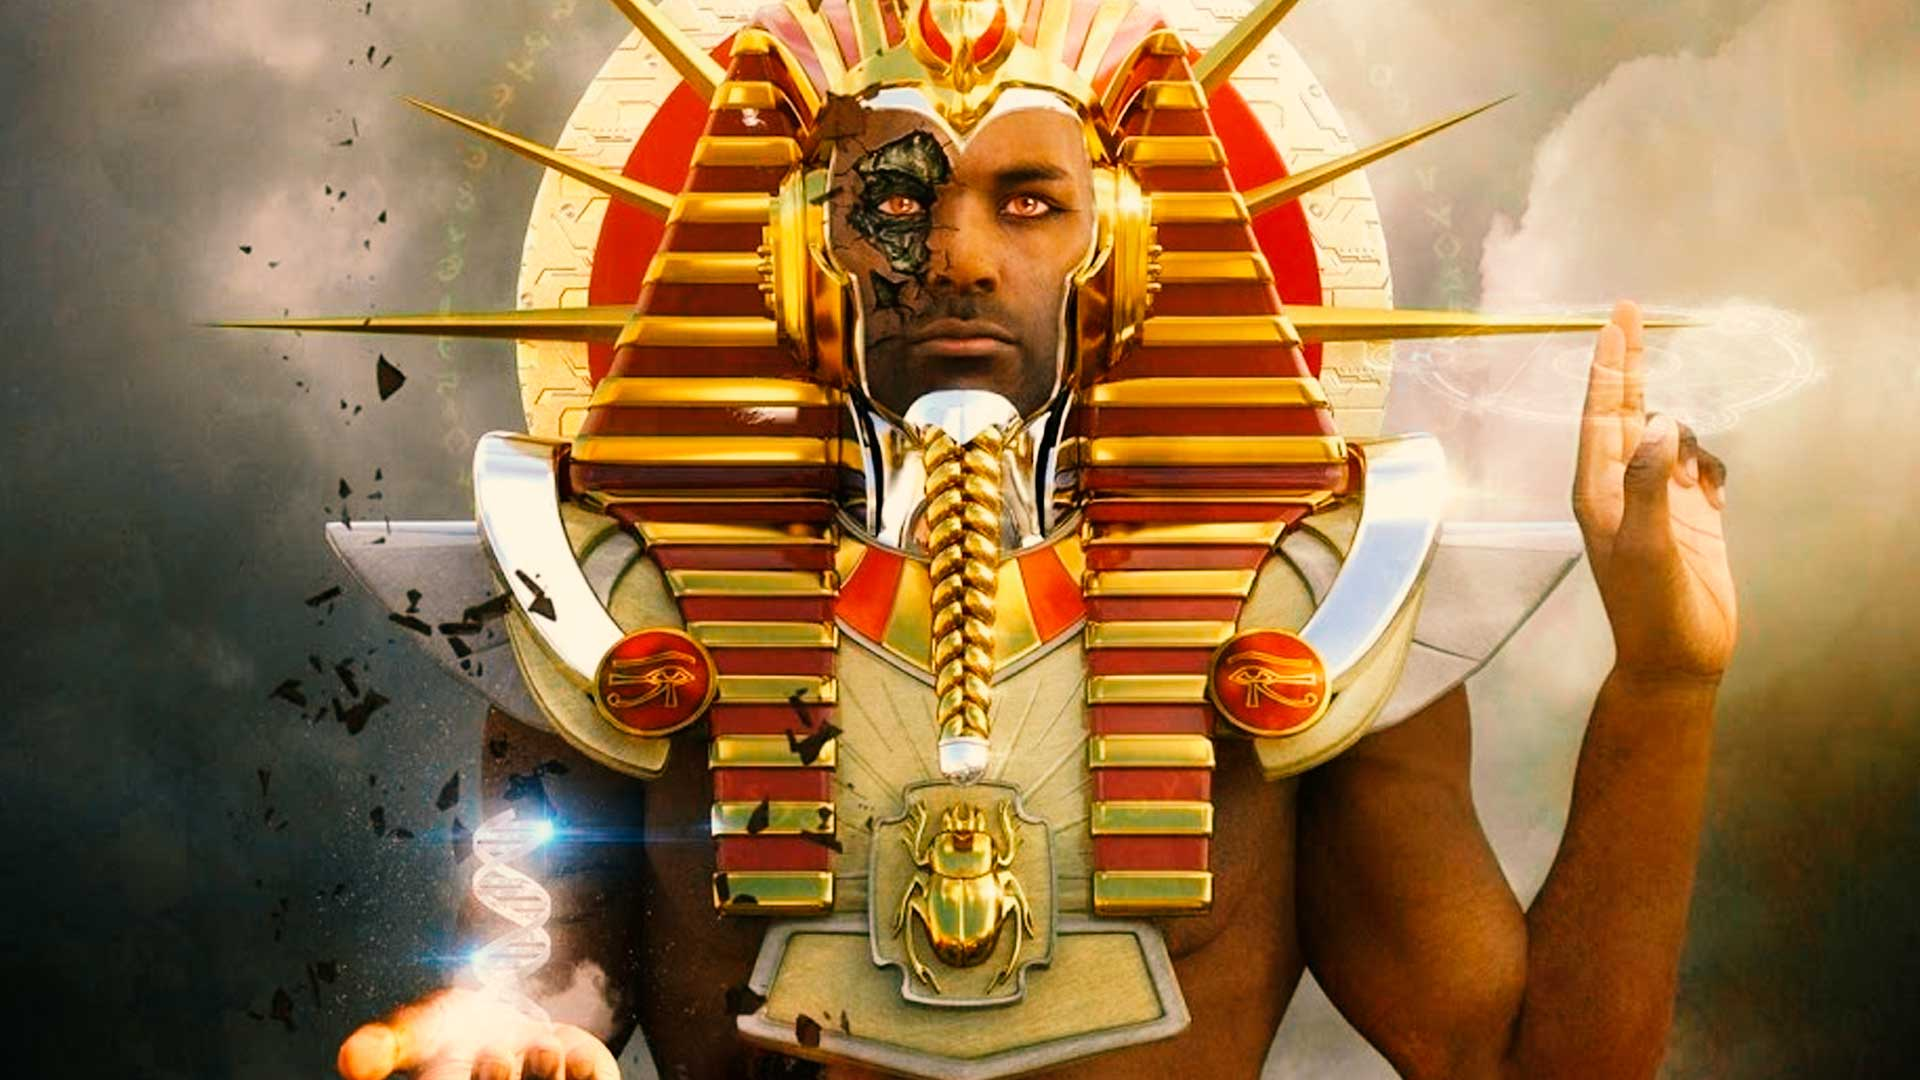 Anunnaki: Mensajeros del Viento, interesantísima miniserie sobre el mito sumerio